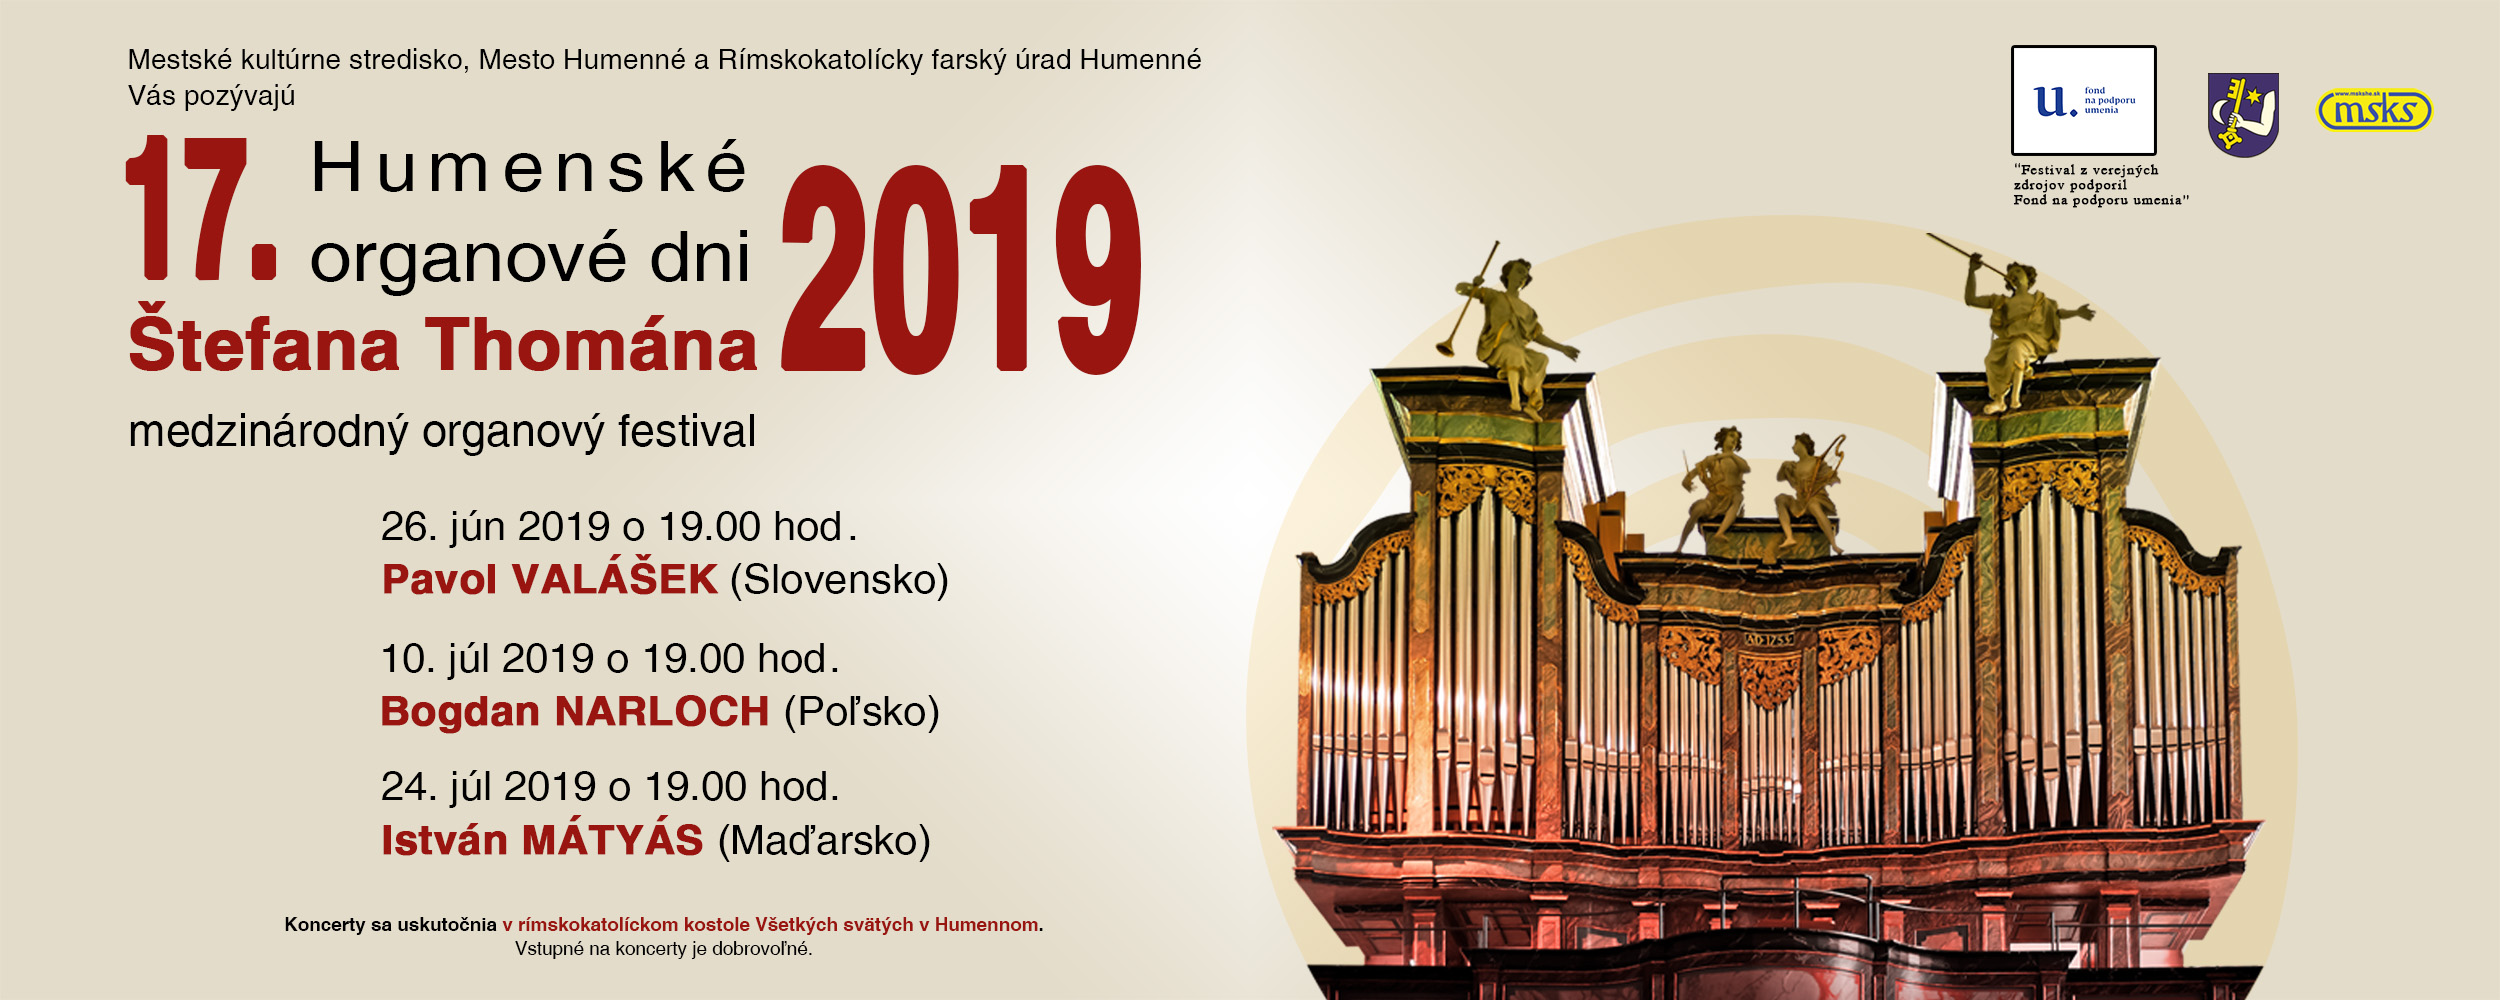 Hod 2019A